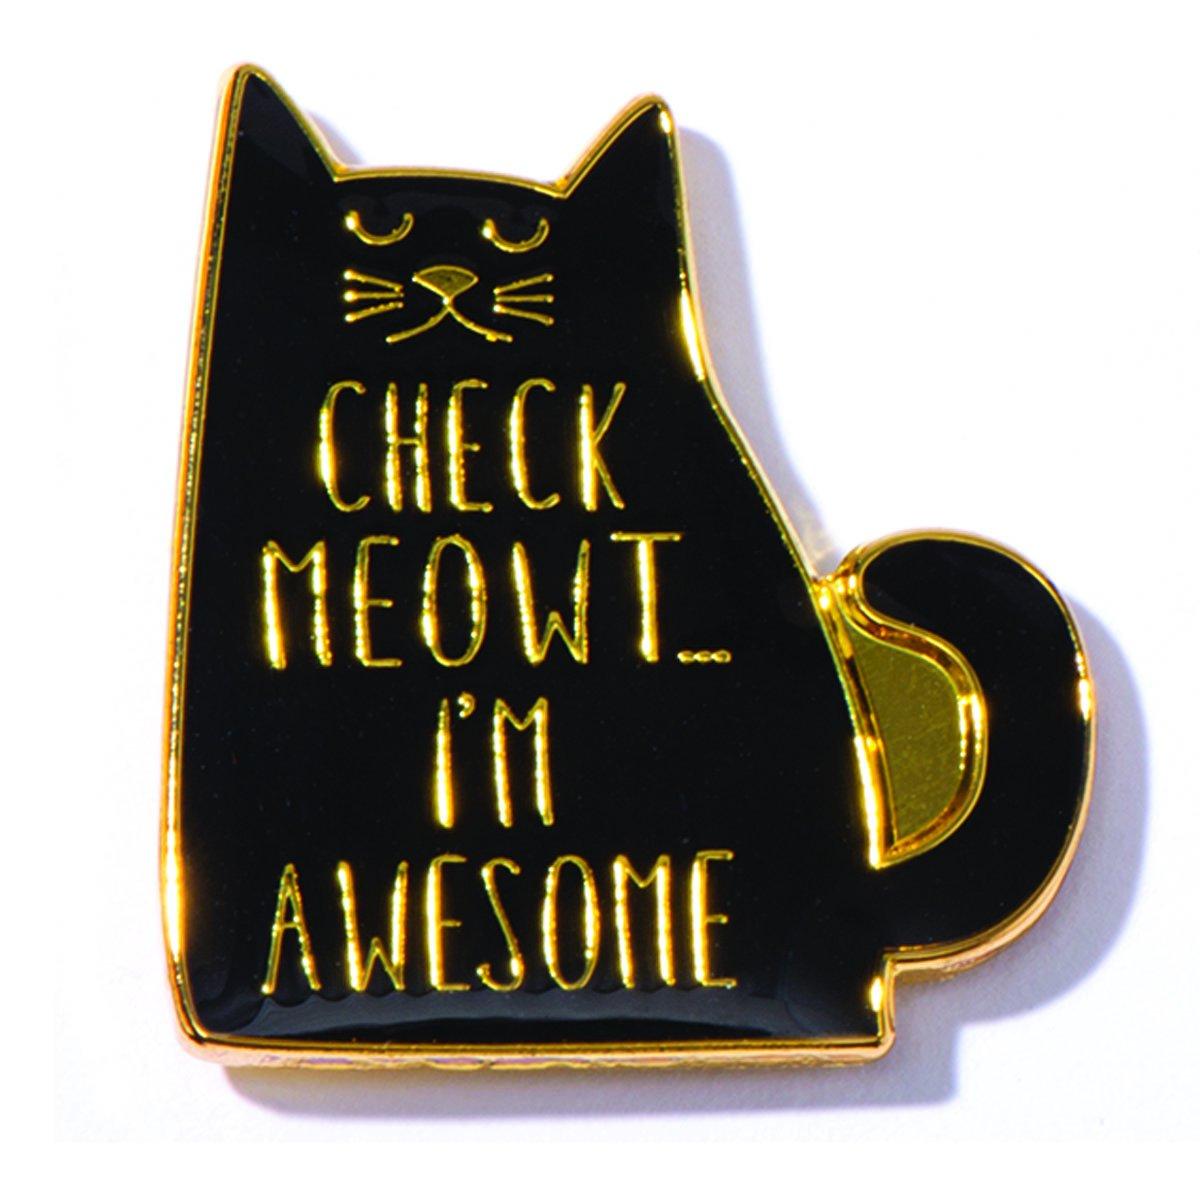 Check Meowt I'm Awesome Appreciation Award Pins, 12 Pins